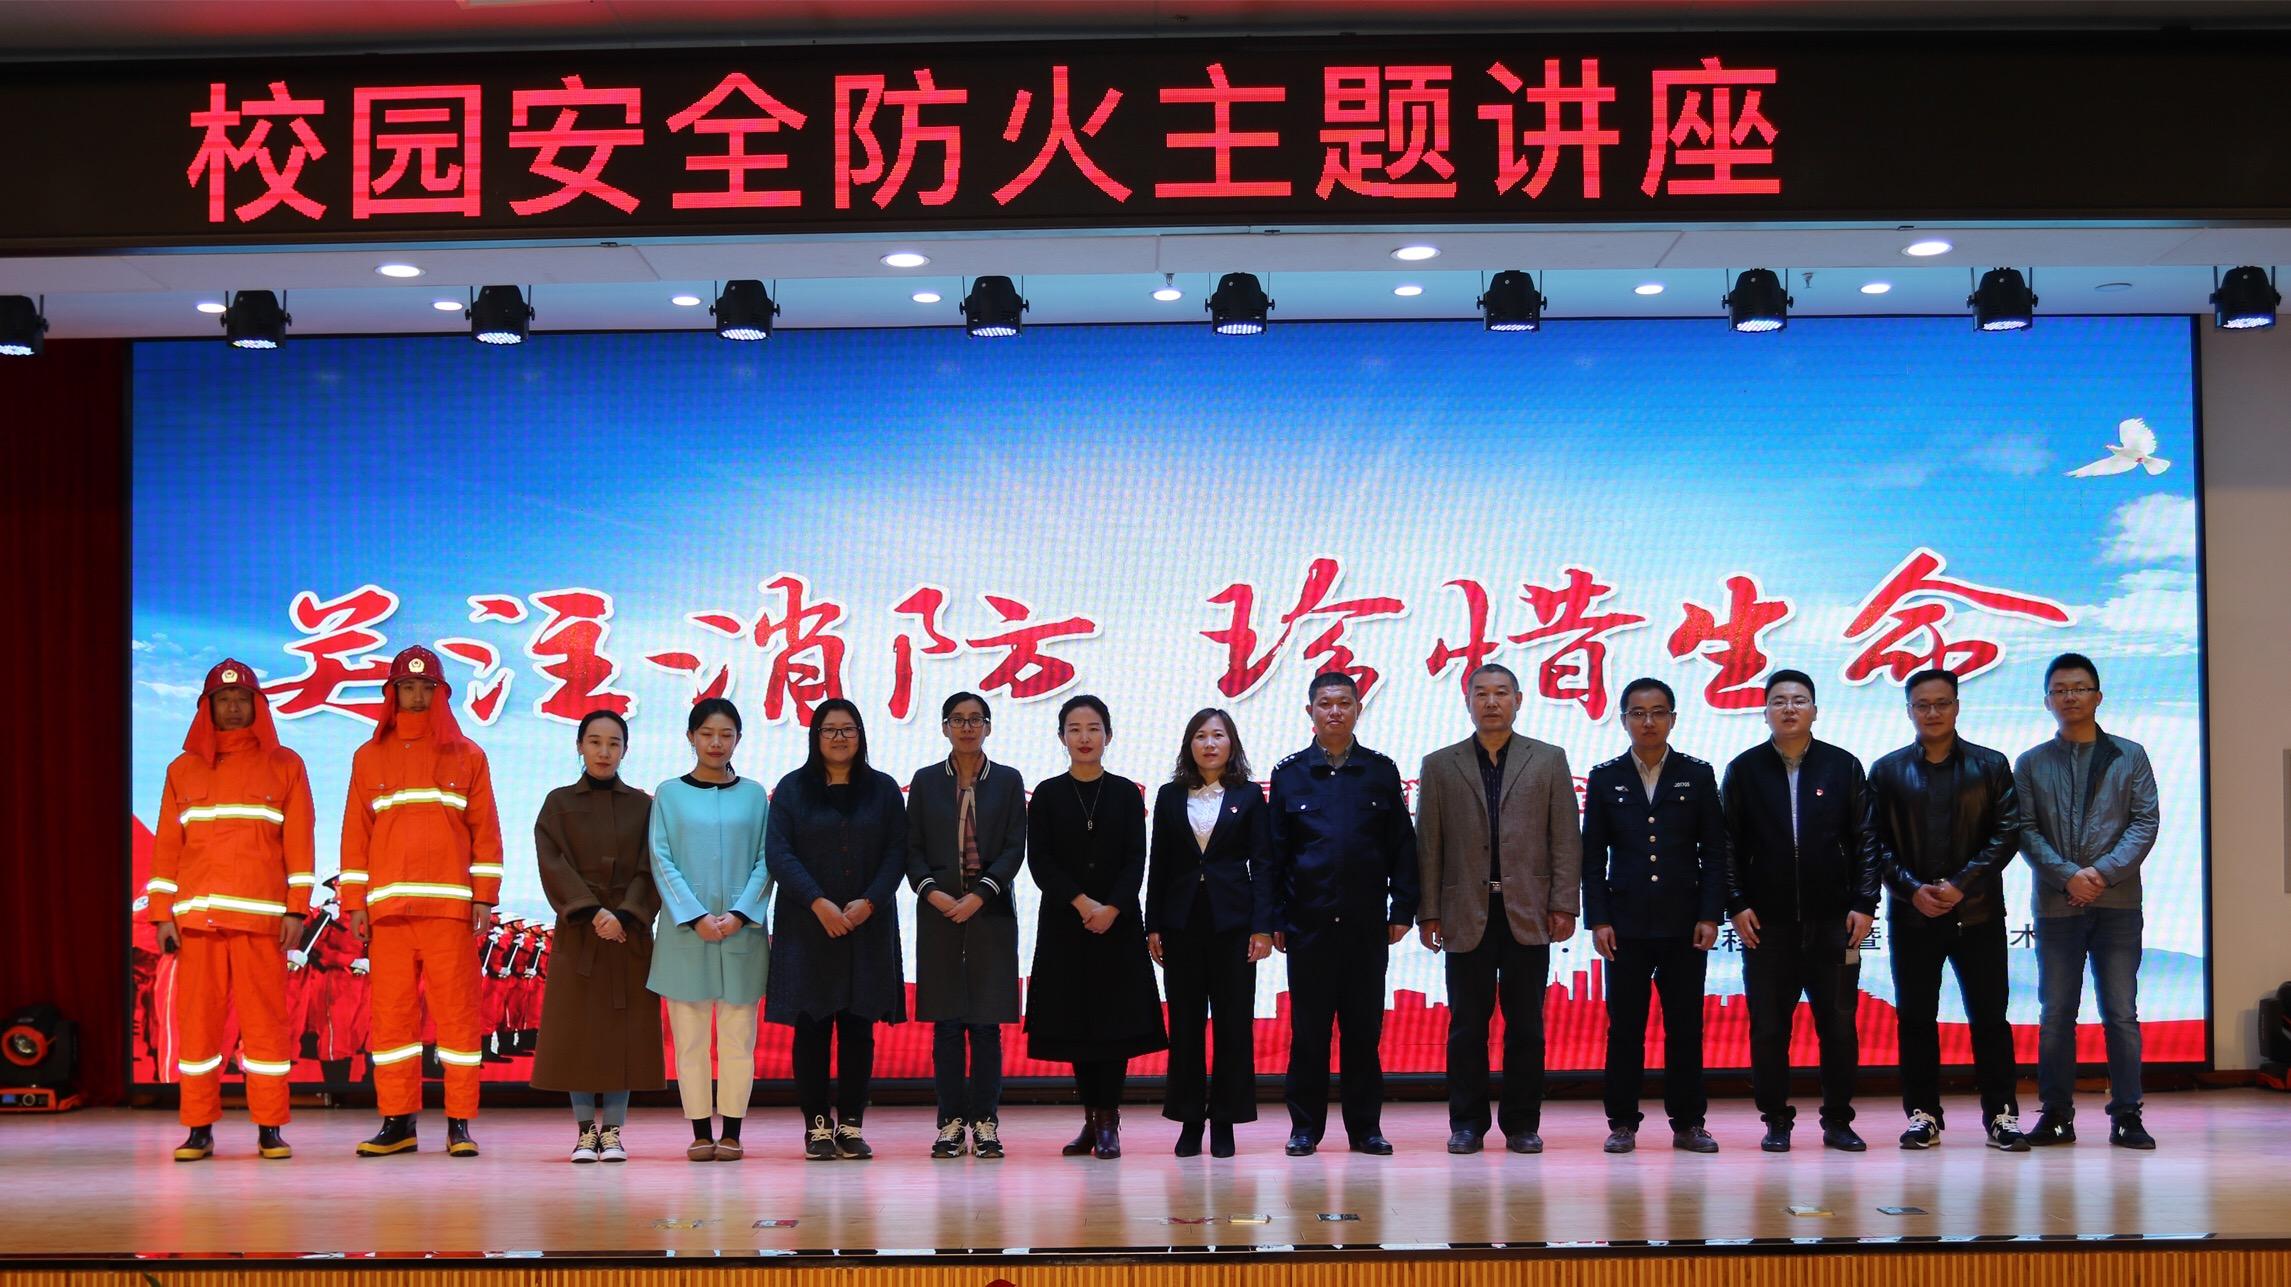 长春光电信息学院举办消防安全知识讲座及现场演练